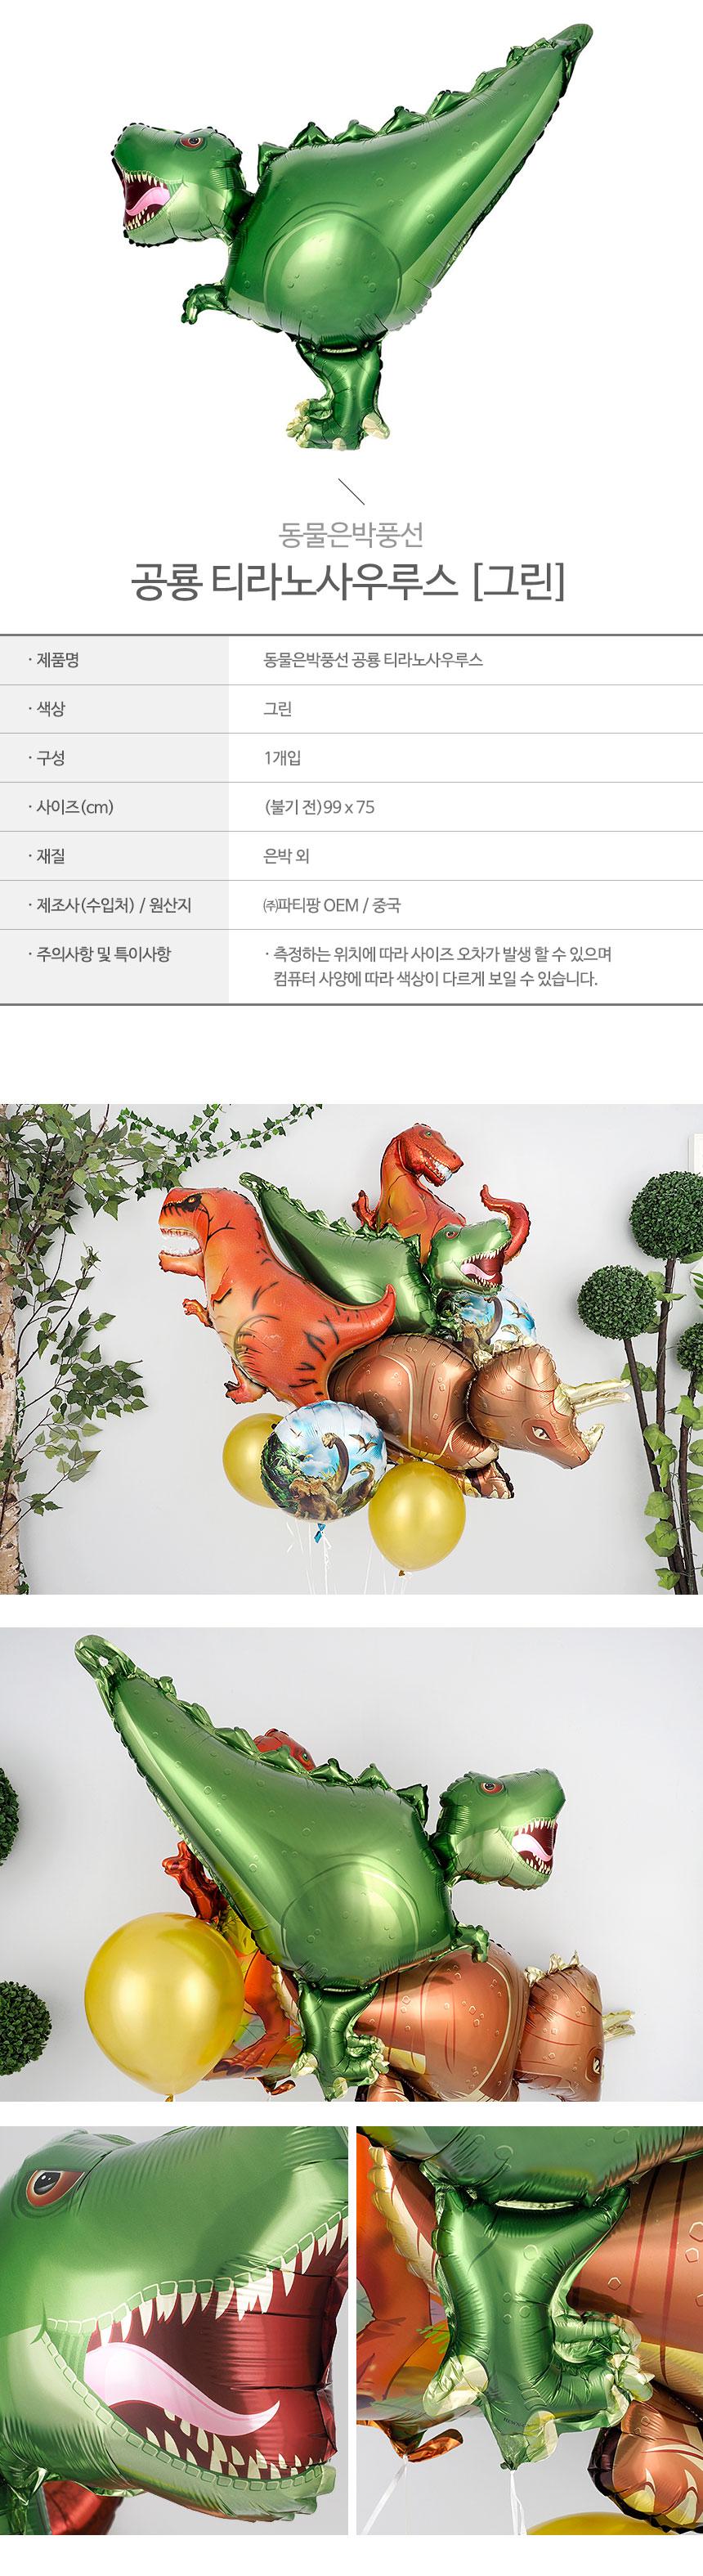 [원팩] 동물은박풍선 공룡 티라노사우루스 그린 99x75cm _partypang - 파티팡, 3,600원, 파티용품, 풍선/세트